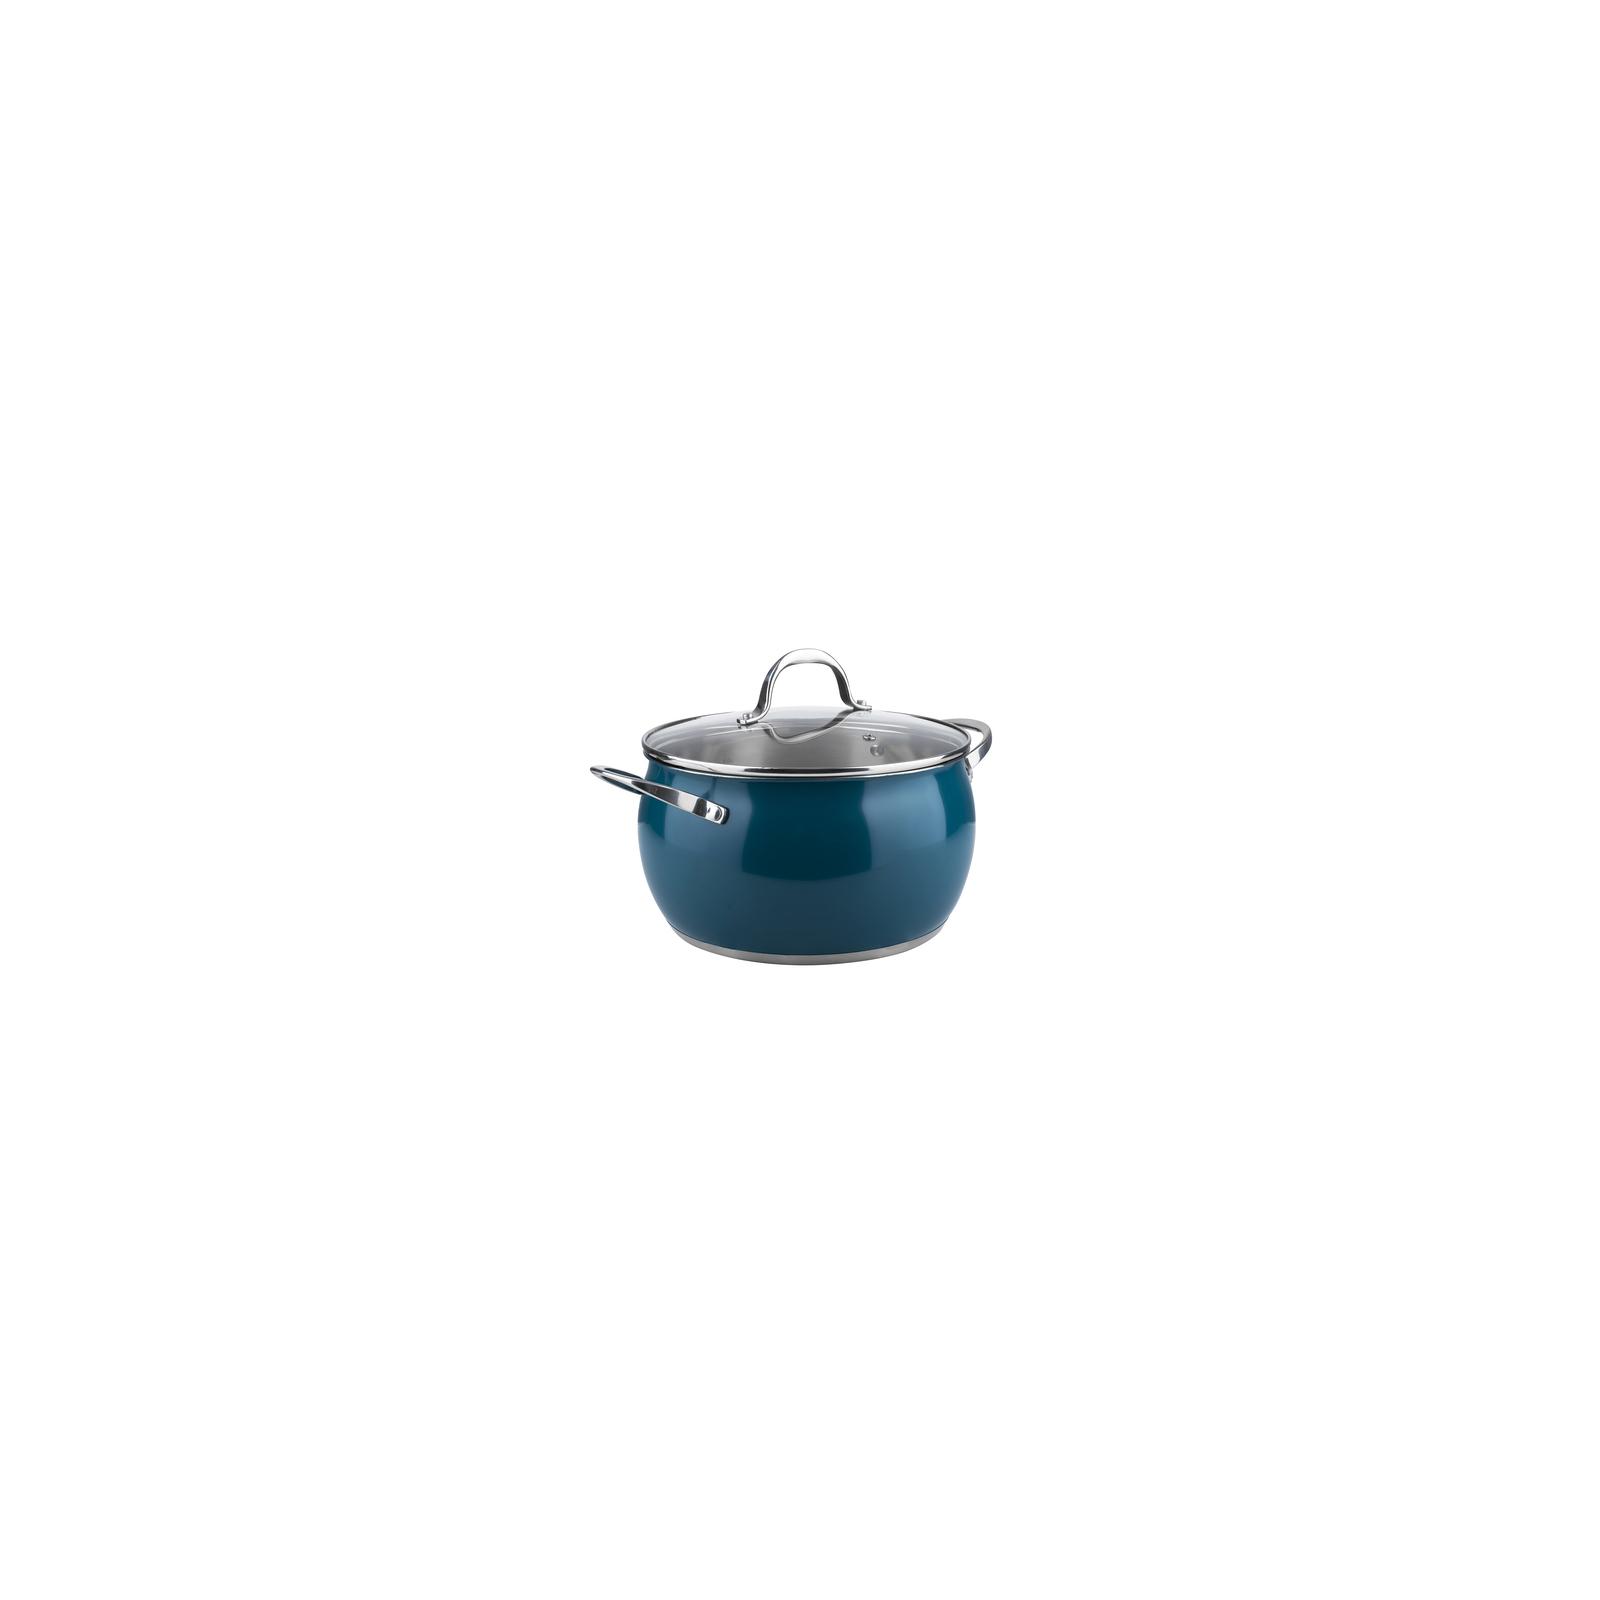 Кастрюля Ringel Bavaria с крышкой 2.5 л blue (RG-2009-18/2) изображение 3